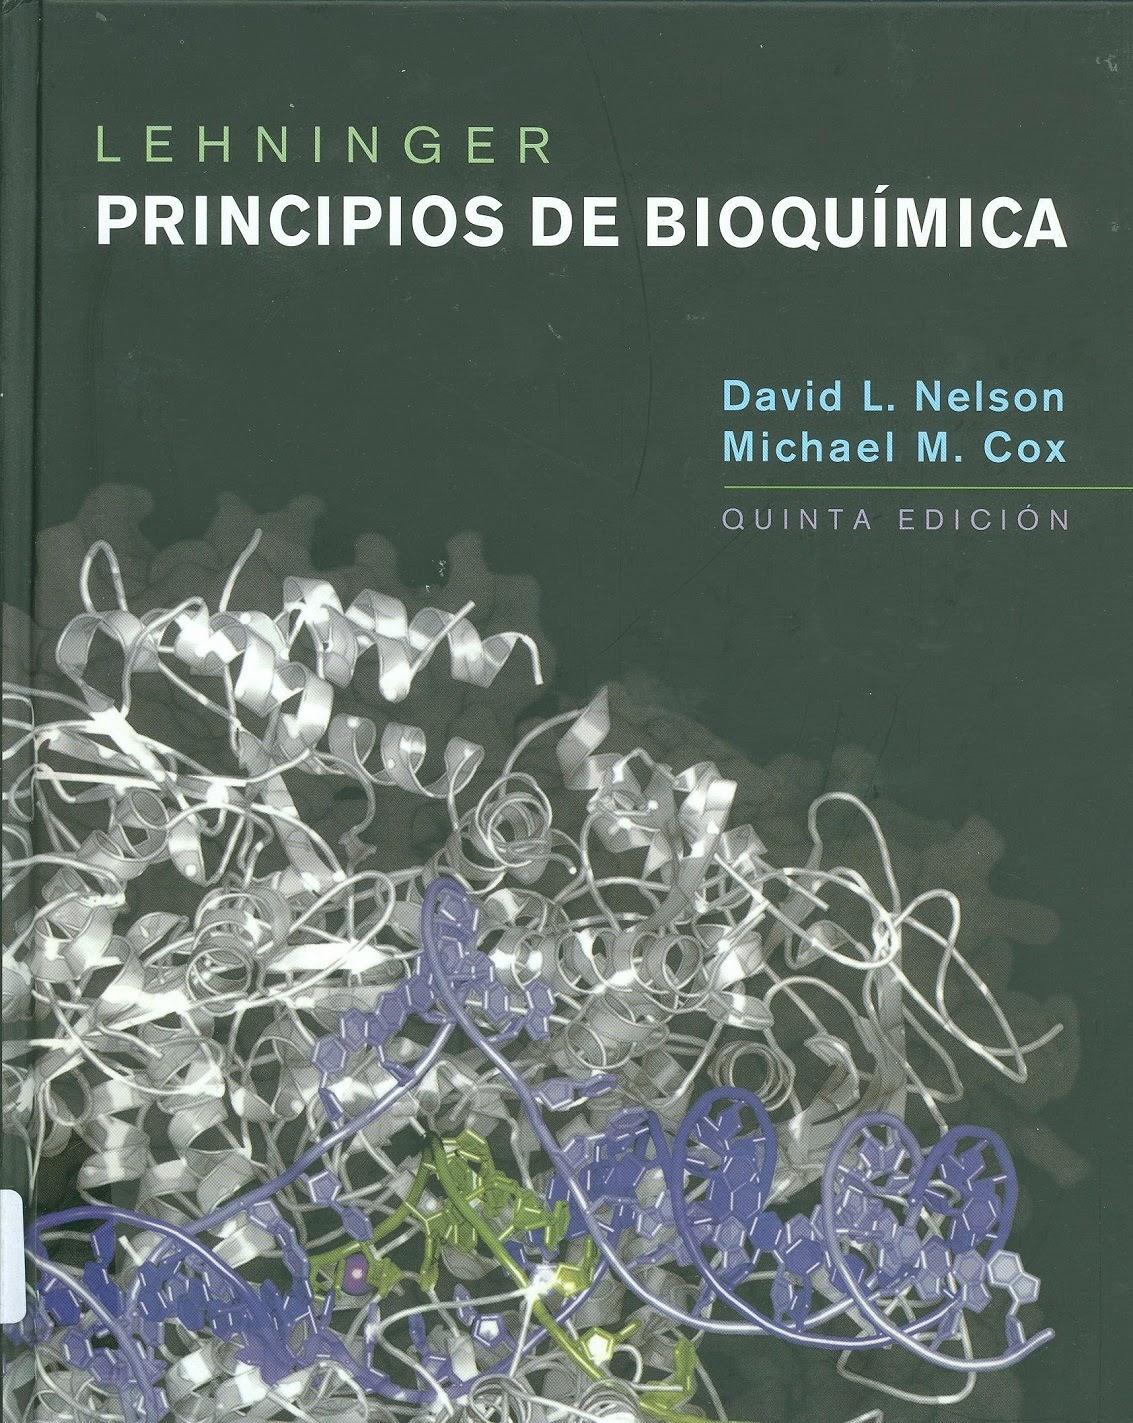 Propanona Principios De Bioquímica Lehninger 5 Edición Español